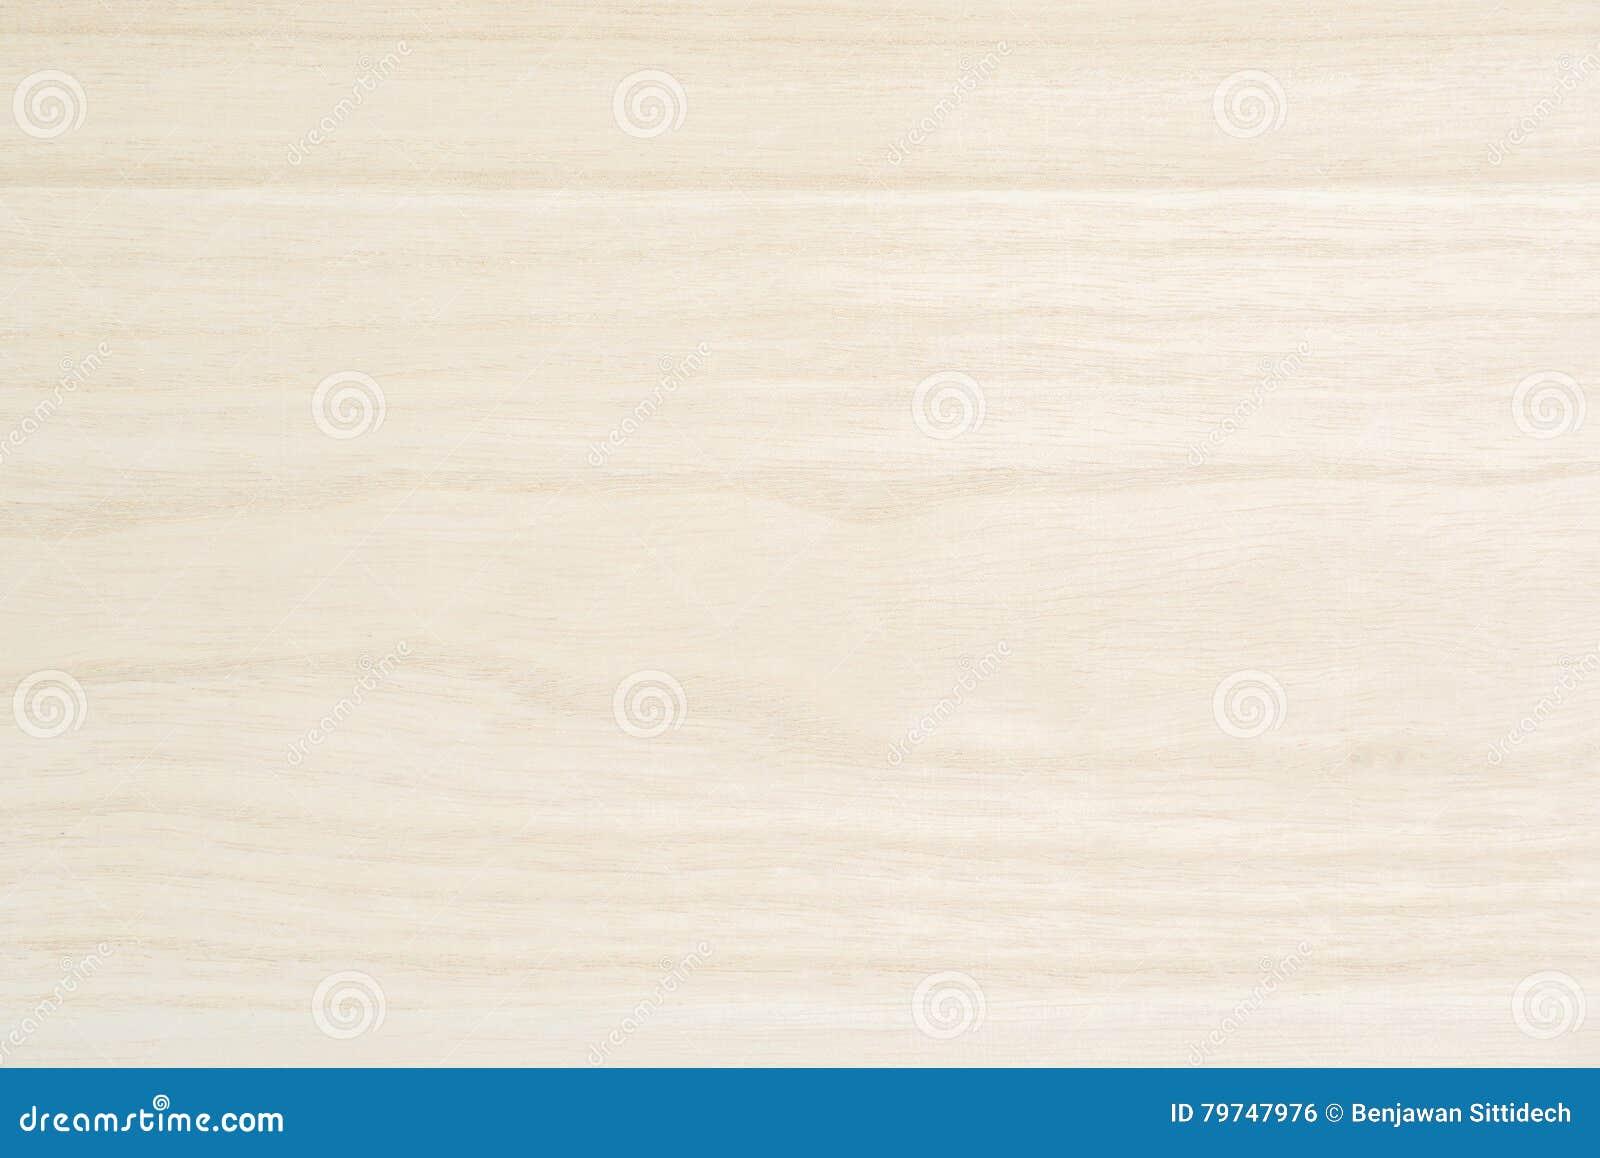 Fondo de madera beige de la textura del panel